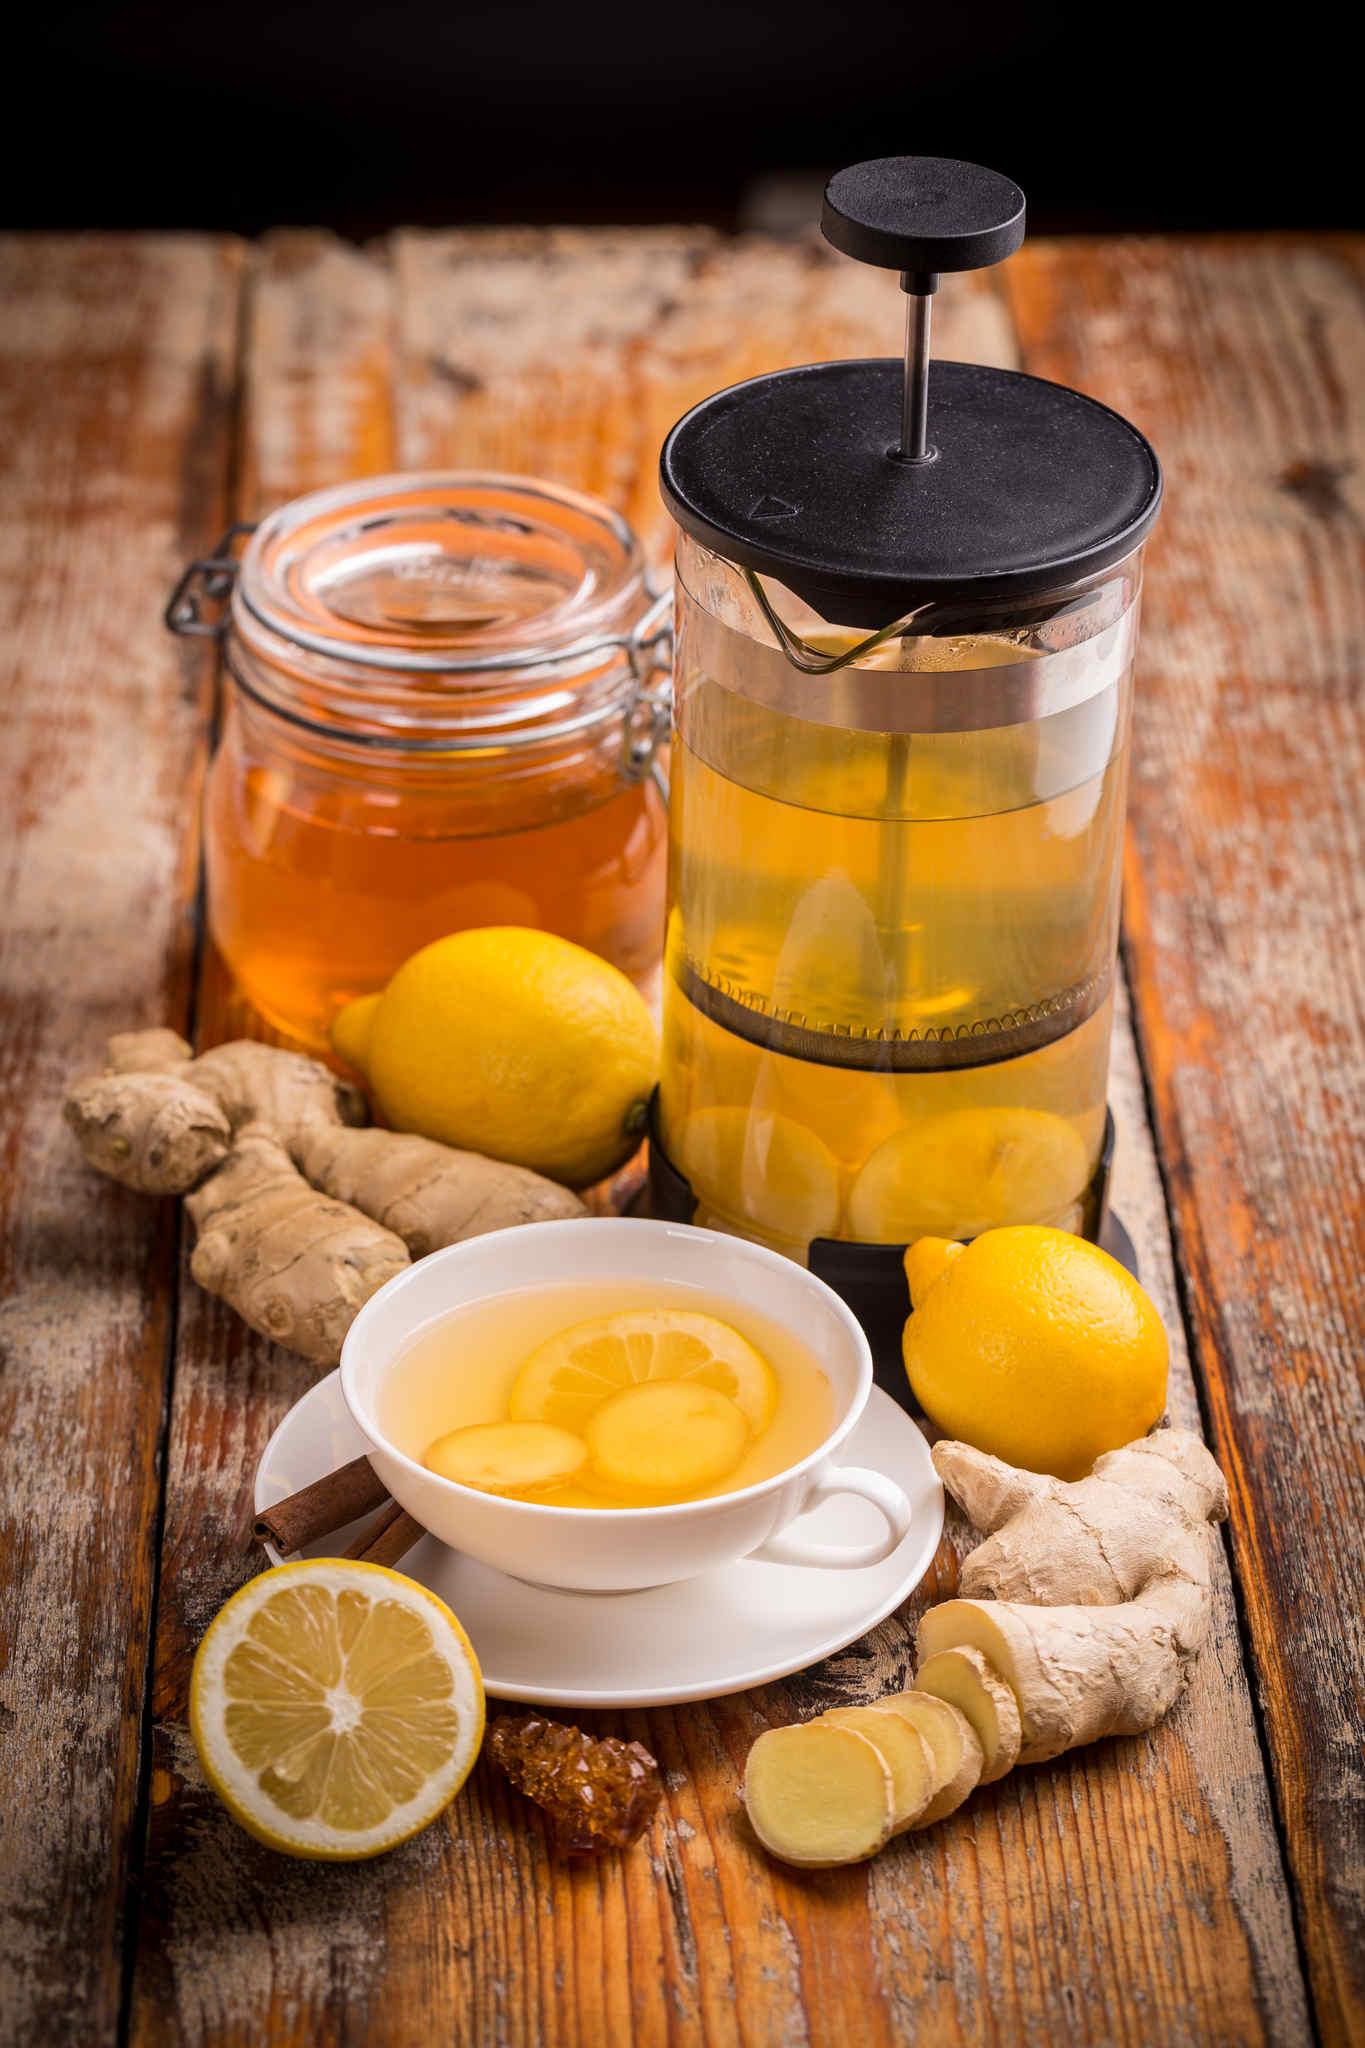 zencefil çayı, eklem ağrılarına ne iyi gelir